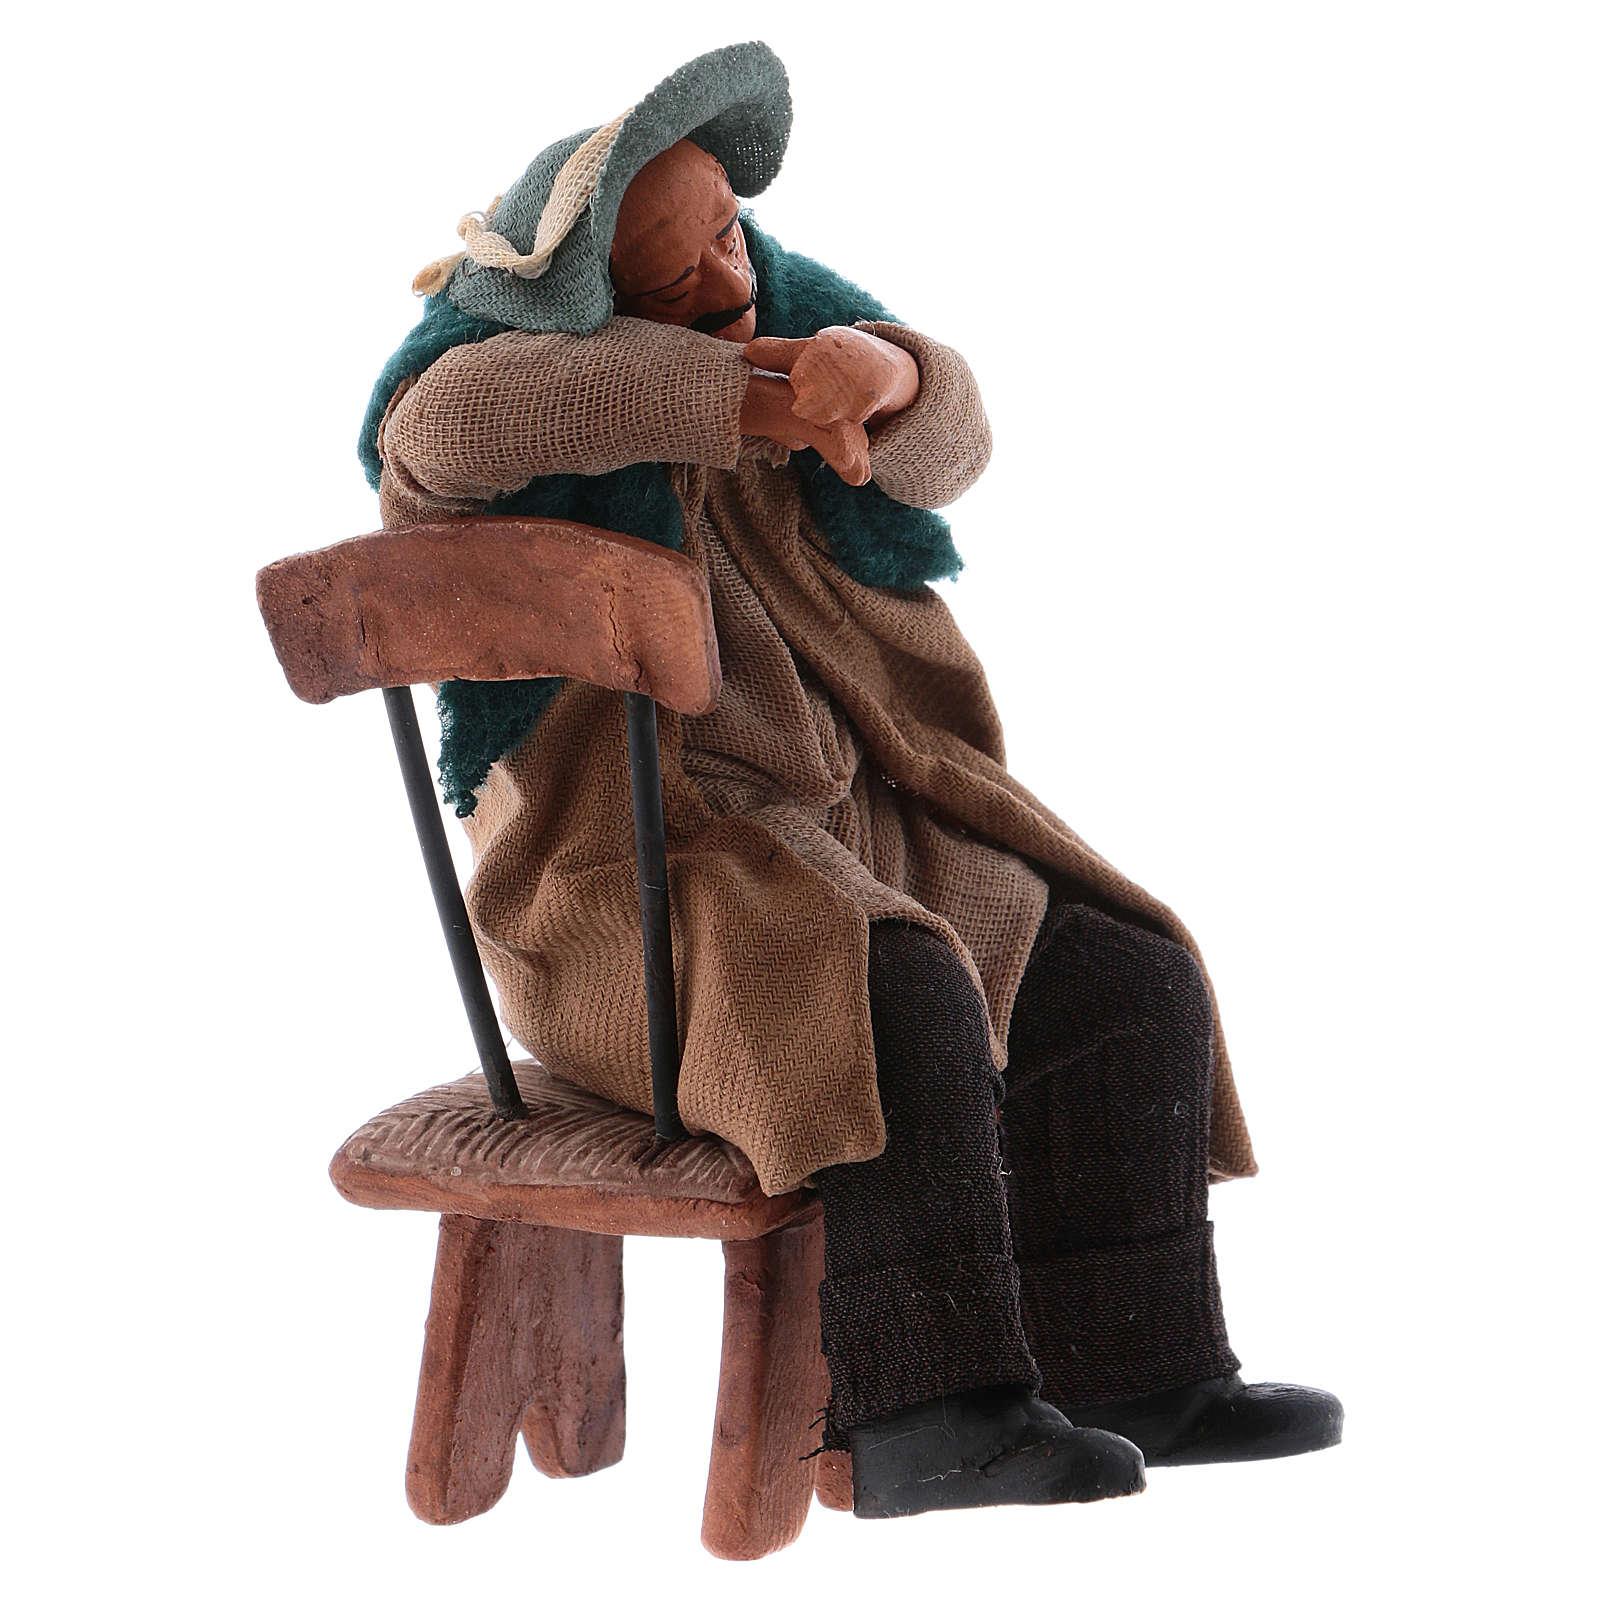 Borracho duerme sentado en la silla 12 cm de altura media belén Nápoles 4